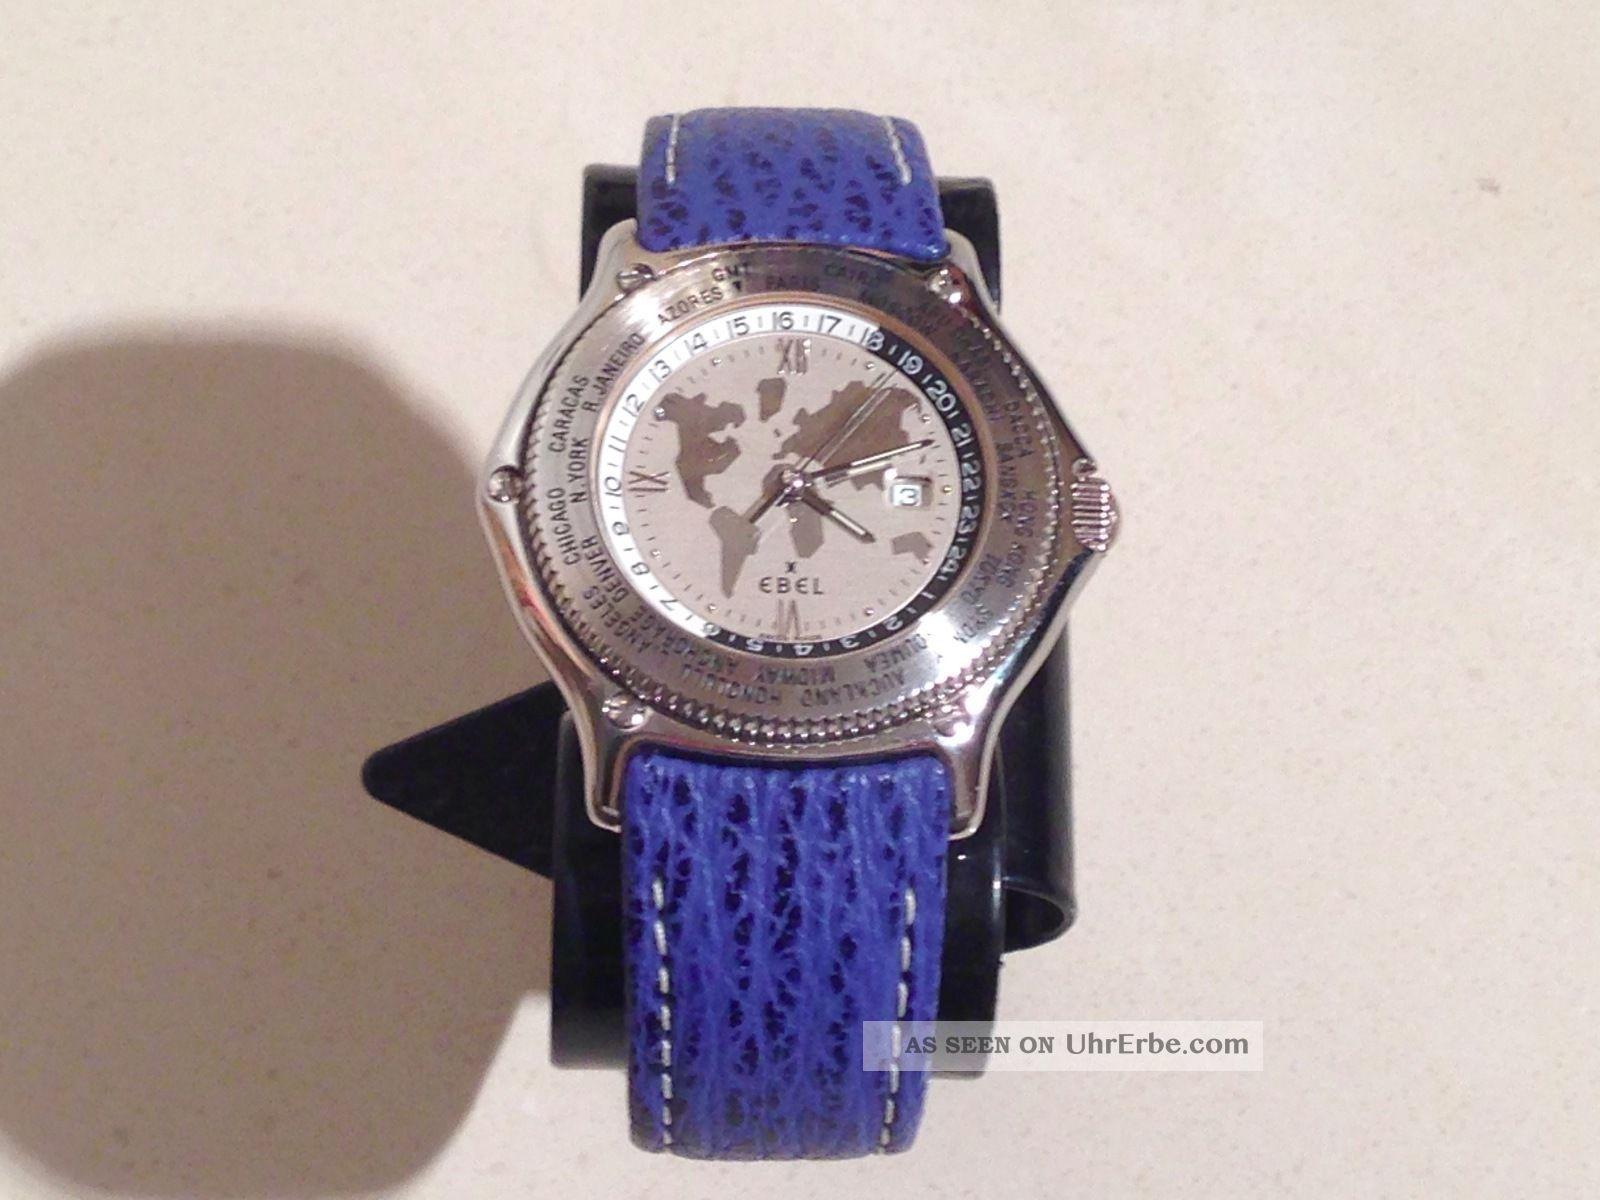 Ebel Voyager Armbanduhr,  Neues Lederband,  Box,  Papiere – Armbanduhren Bild